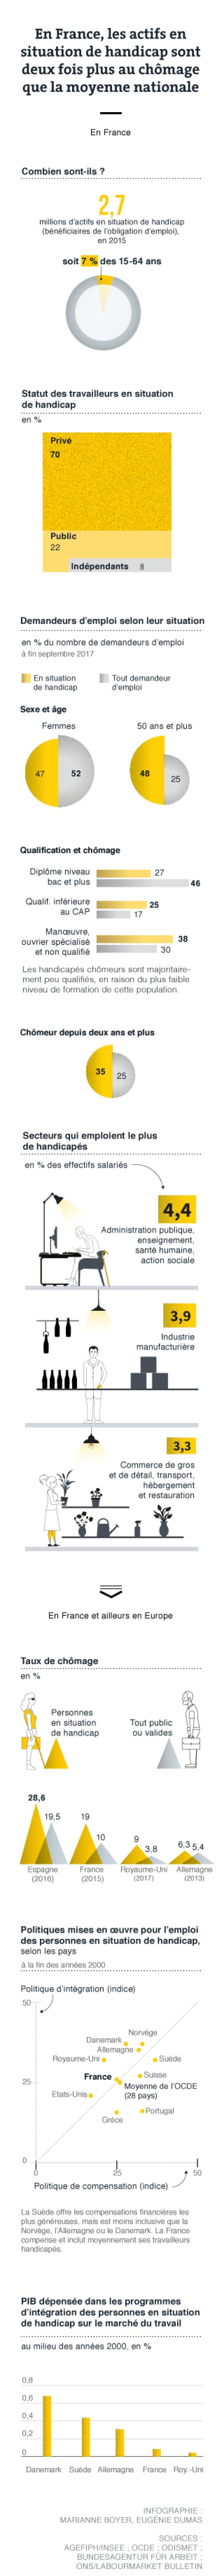 Graphique sur la situation du handicap et du travail